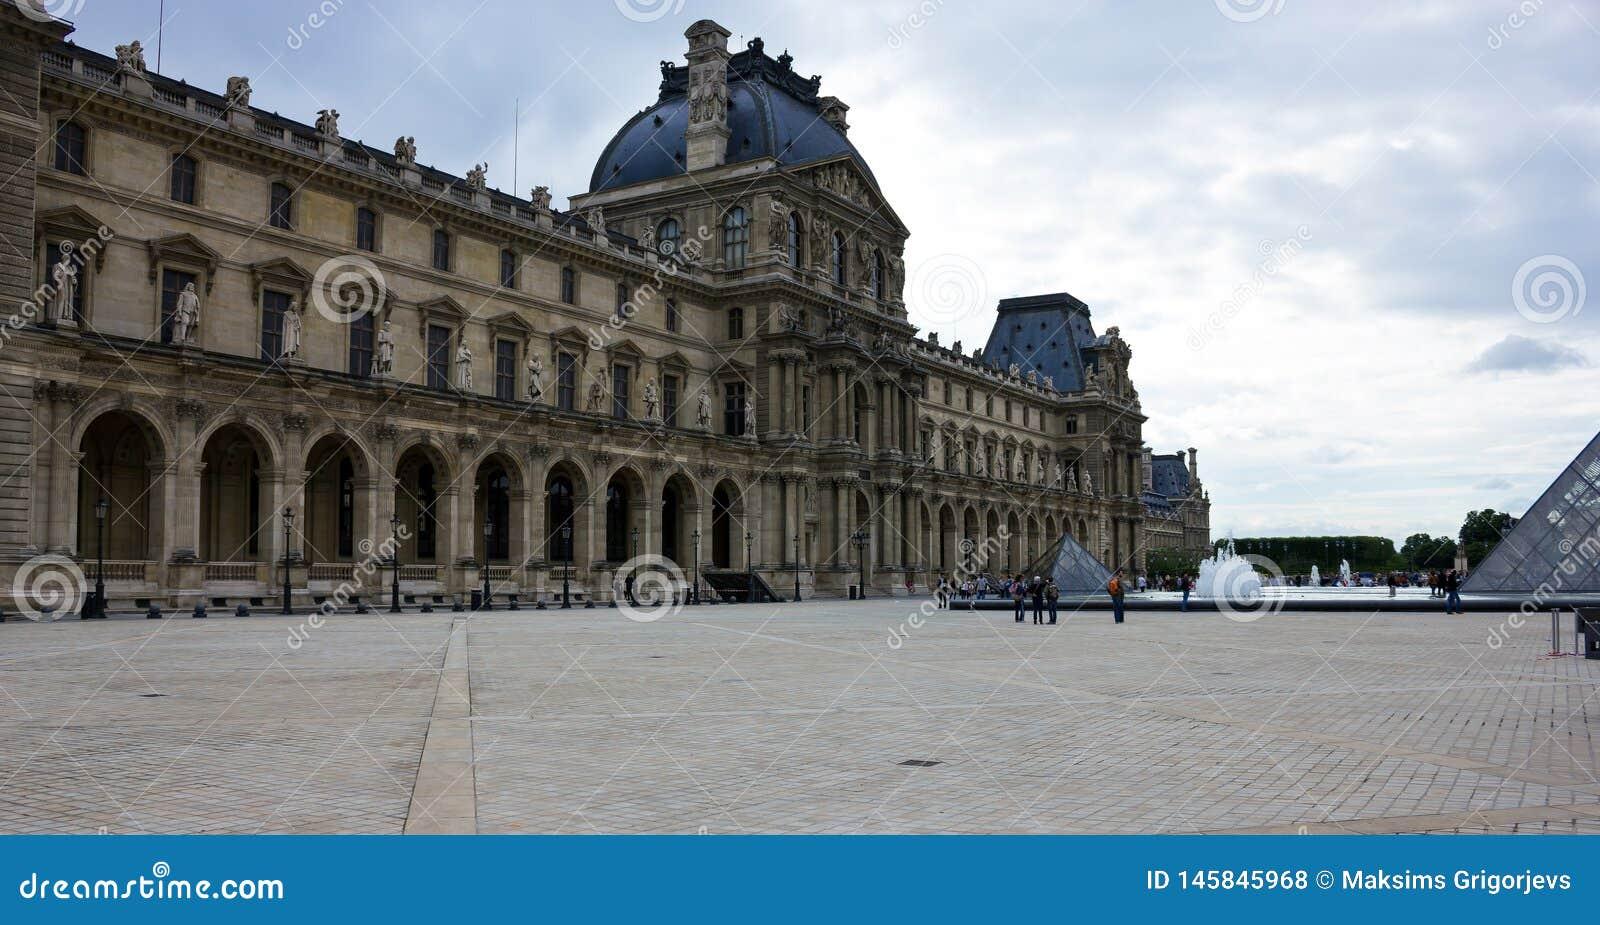 Il palazzo del Louvre a Parigi, Francia, il 25 giugno 2013